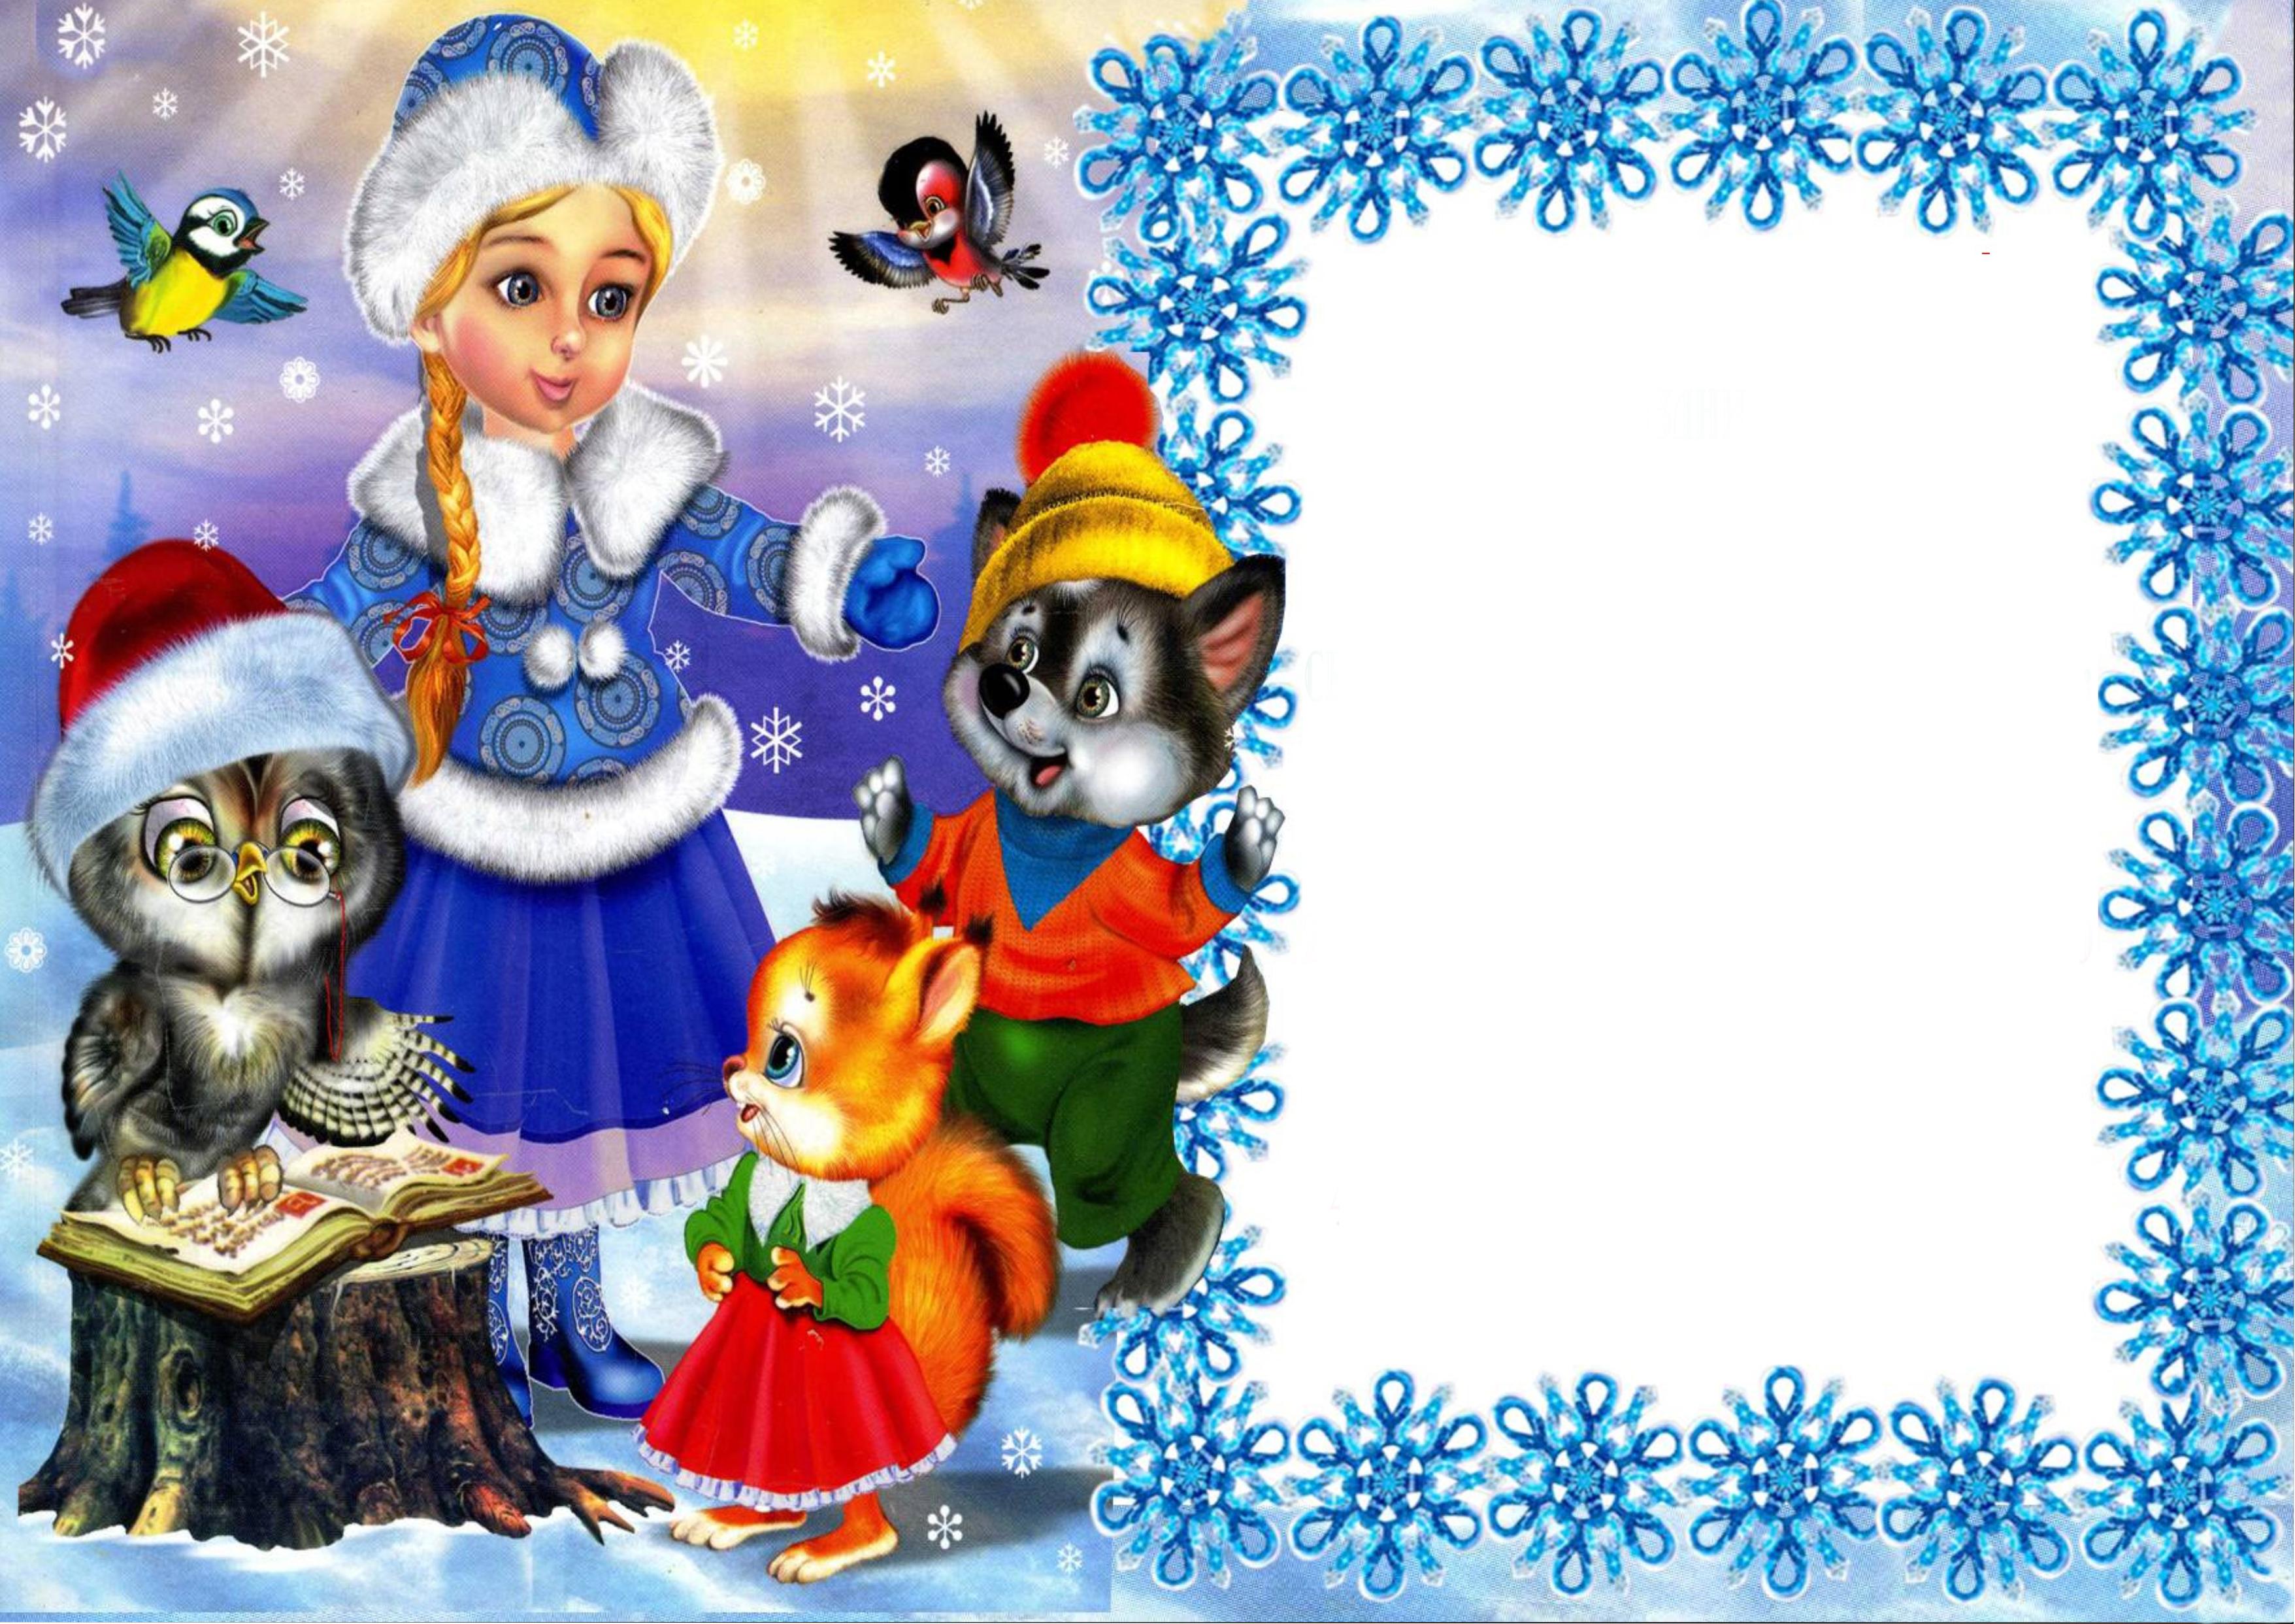 Новогодние рамки. Большая вертикальная новогодняя рамка для детских и семейных портретов. Новогодние рамки – хороший способ сделать праздничное оформление для детских фотографий. Добрая новогодняя рамка на жёлто-синем фоне предзакатного неба представляет новогодний сюжет – сова в очках, сидя на пеньке, читает книжку, а бельчонок и волчонок внимательно её слушают. Даже птички прилетели, чтобы послушать сову. А красавица-Снегурочка пришла поздравить зверят с наступающим Новым годом.